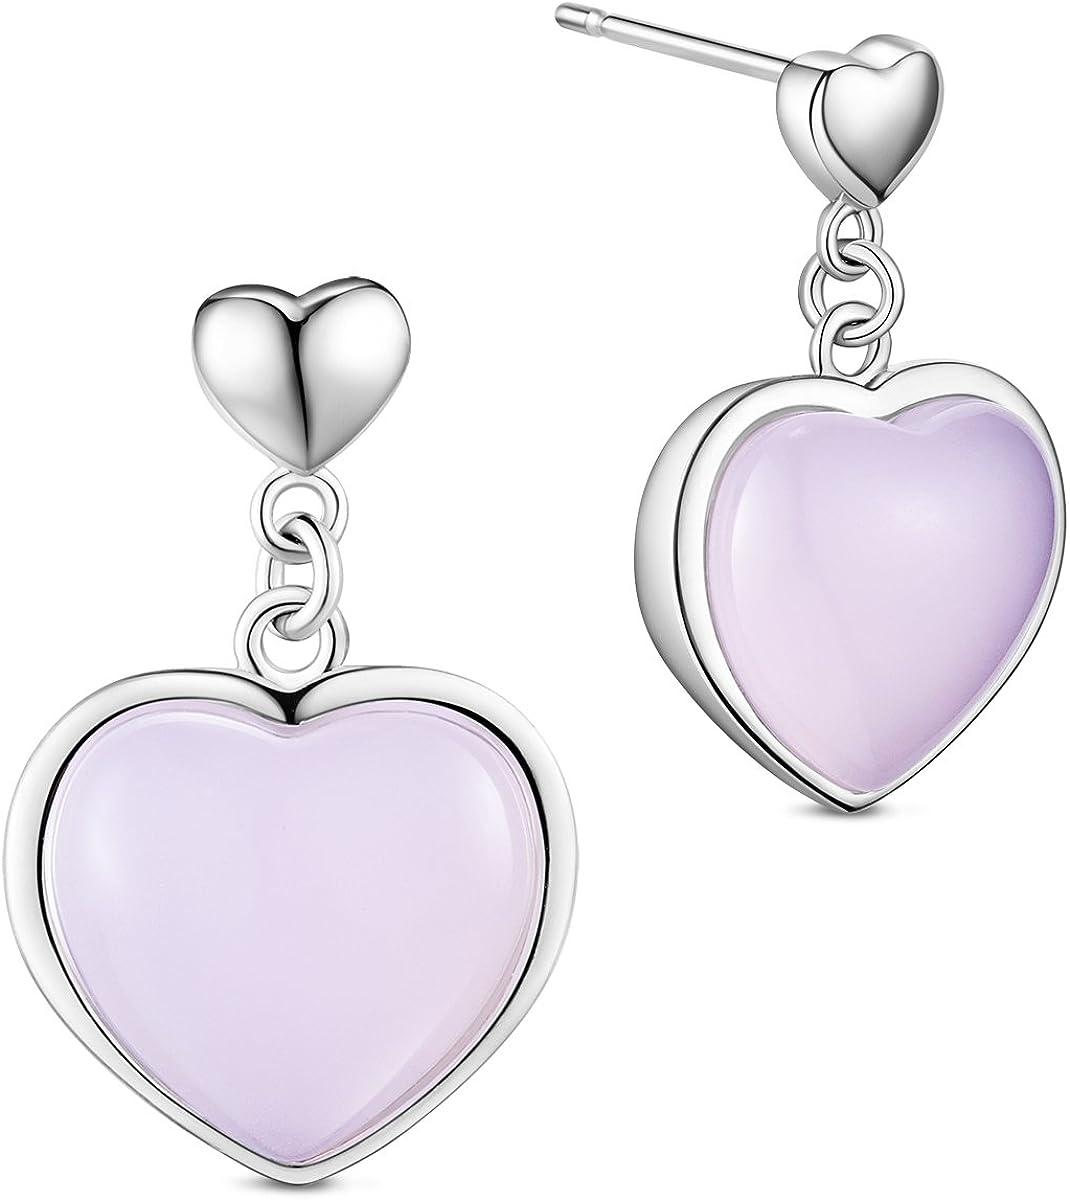 SHEGRACE pendientes mujer de 925 plata de esterlina, colgante de corazon con cuarzo Rosa, platino, 20mm